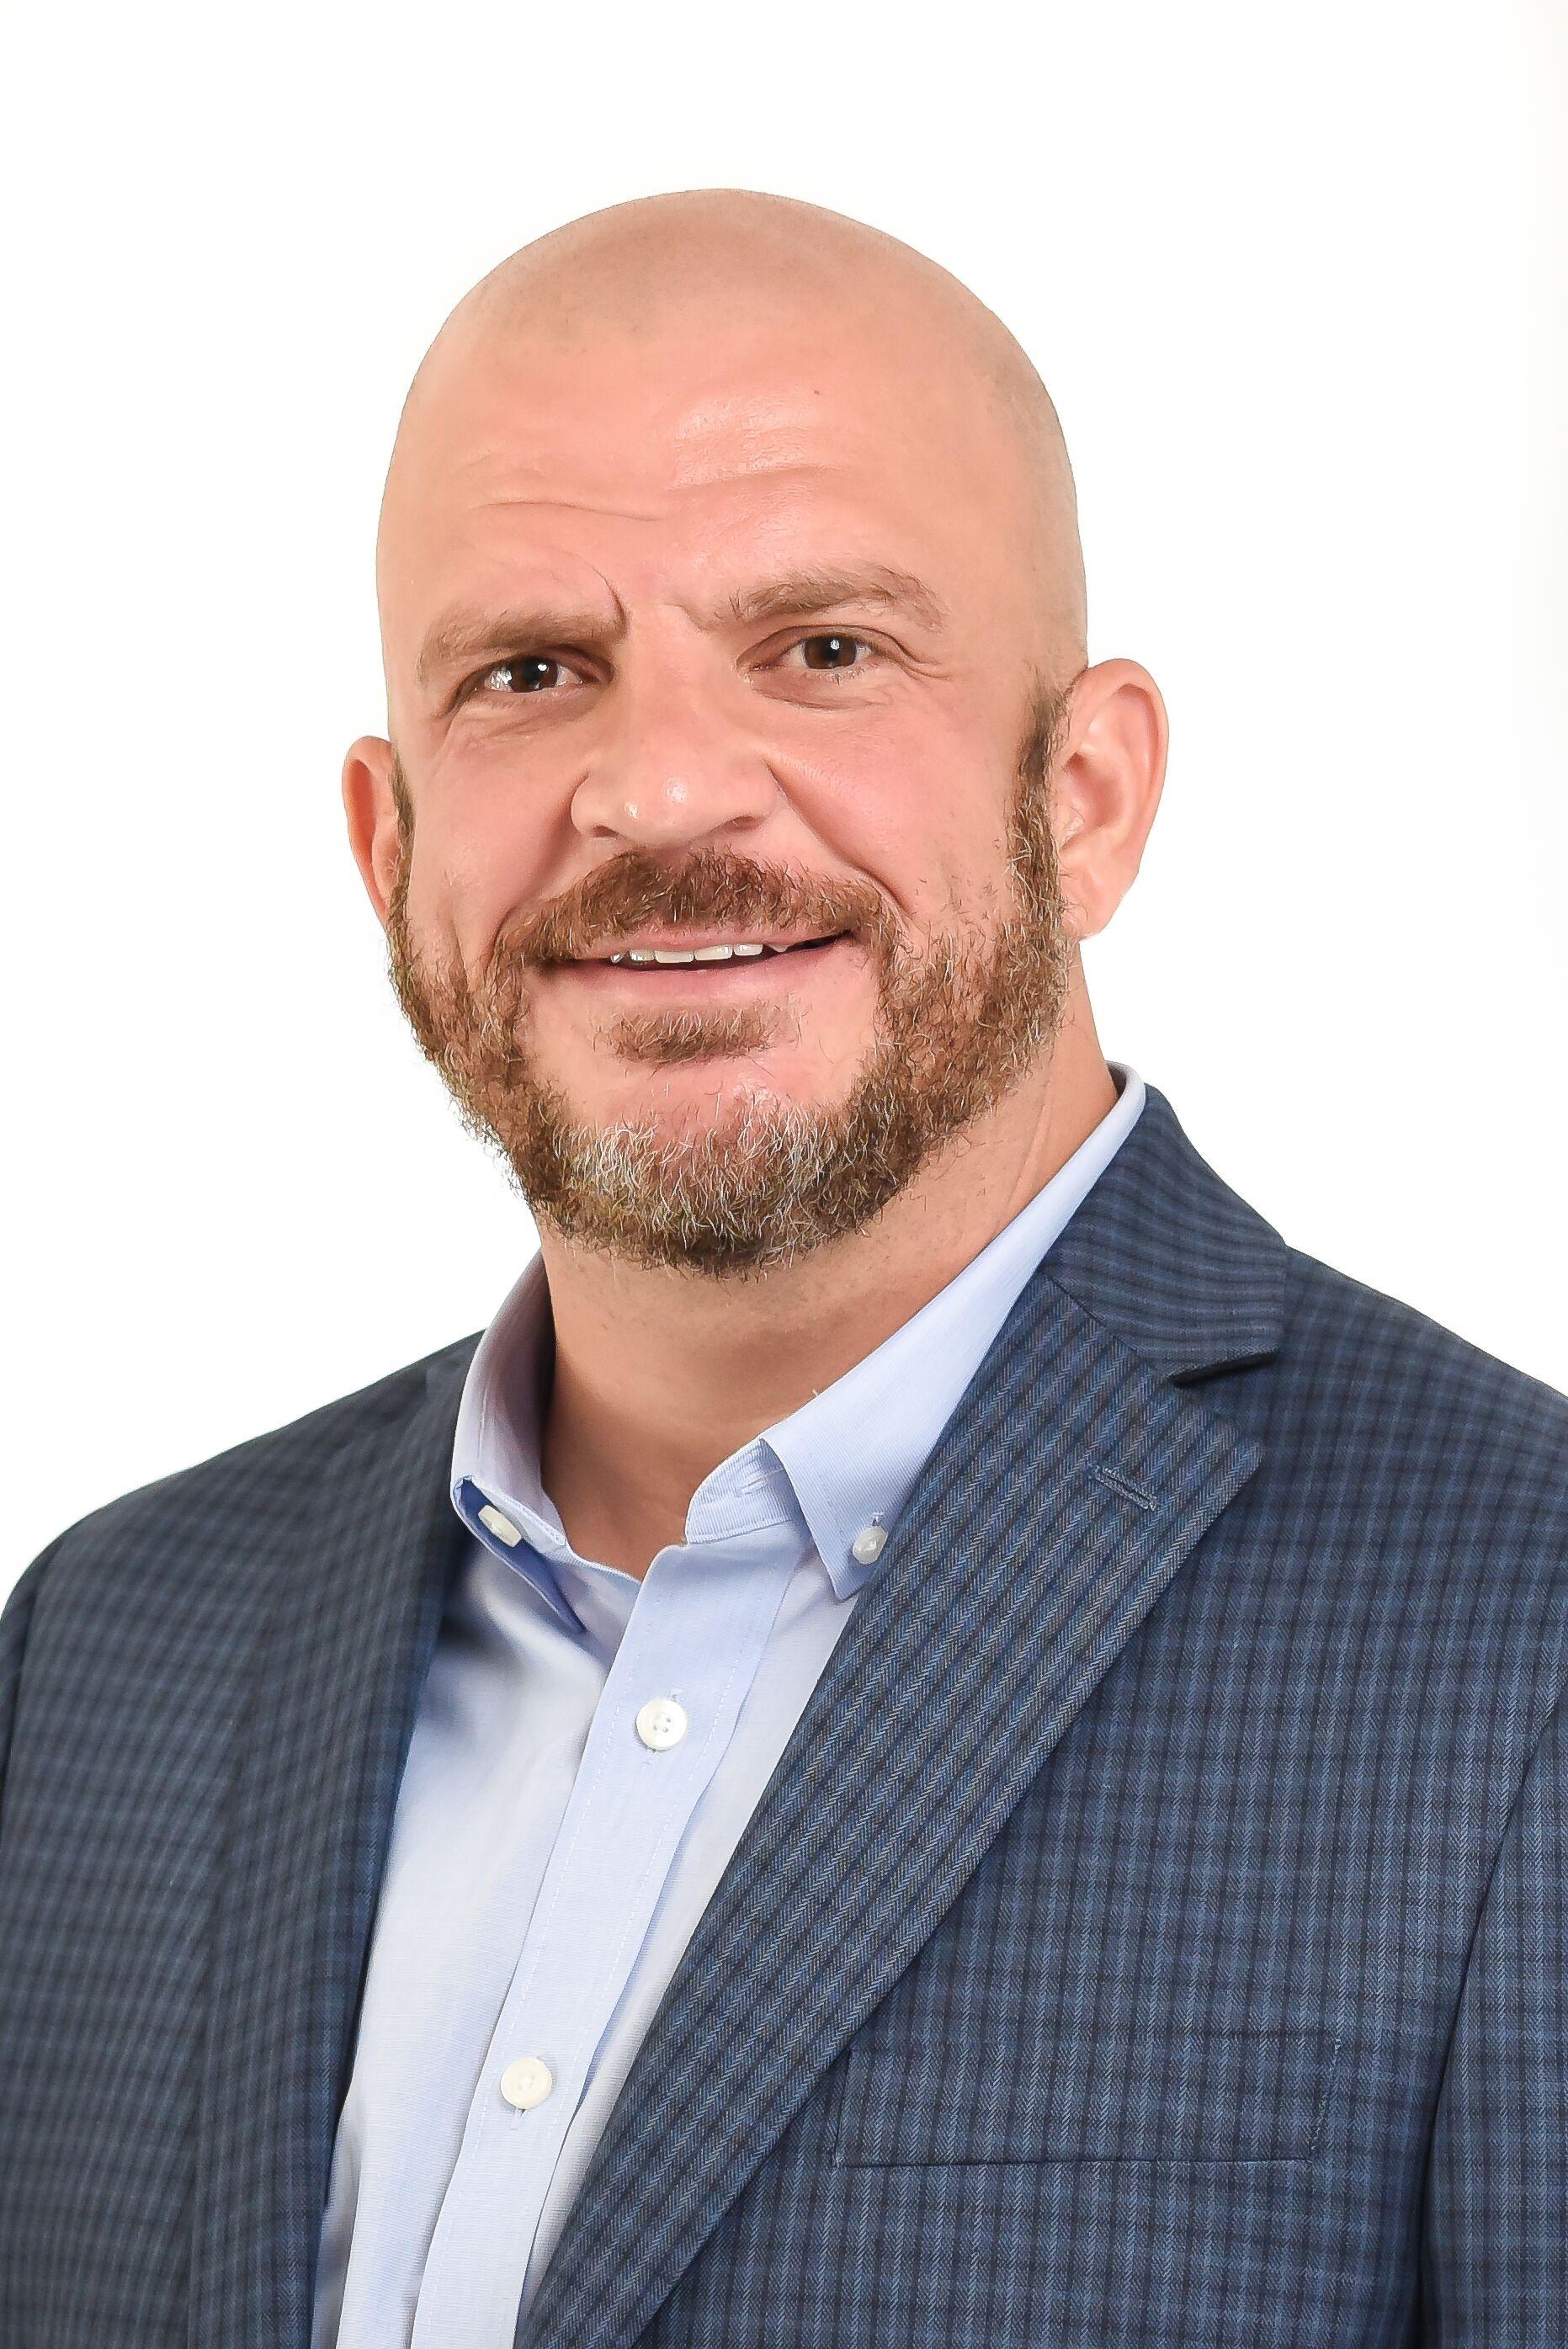 Brett Casey | Health and Life Insurance Agent | Oklahoma City, OK 73162